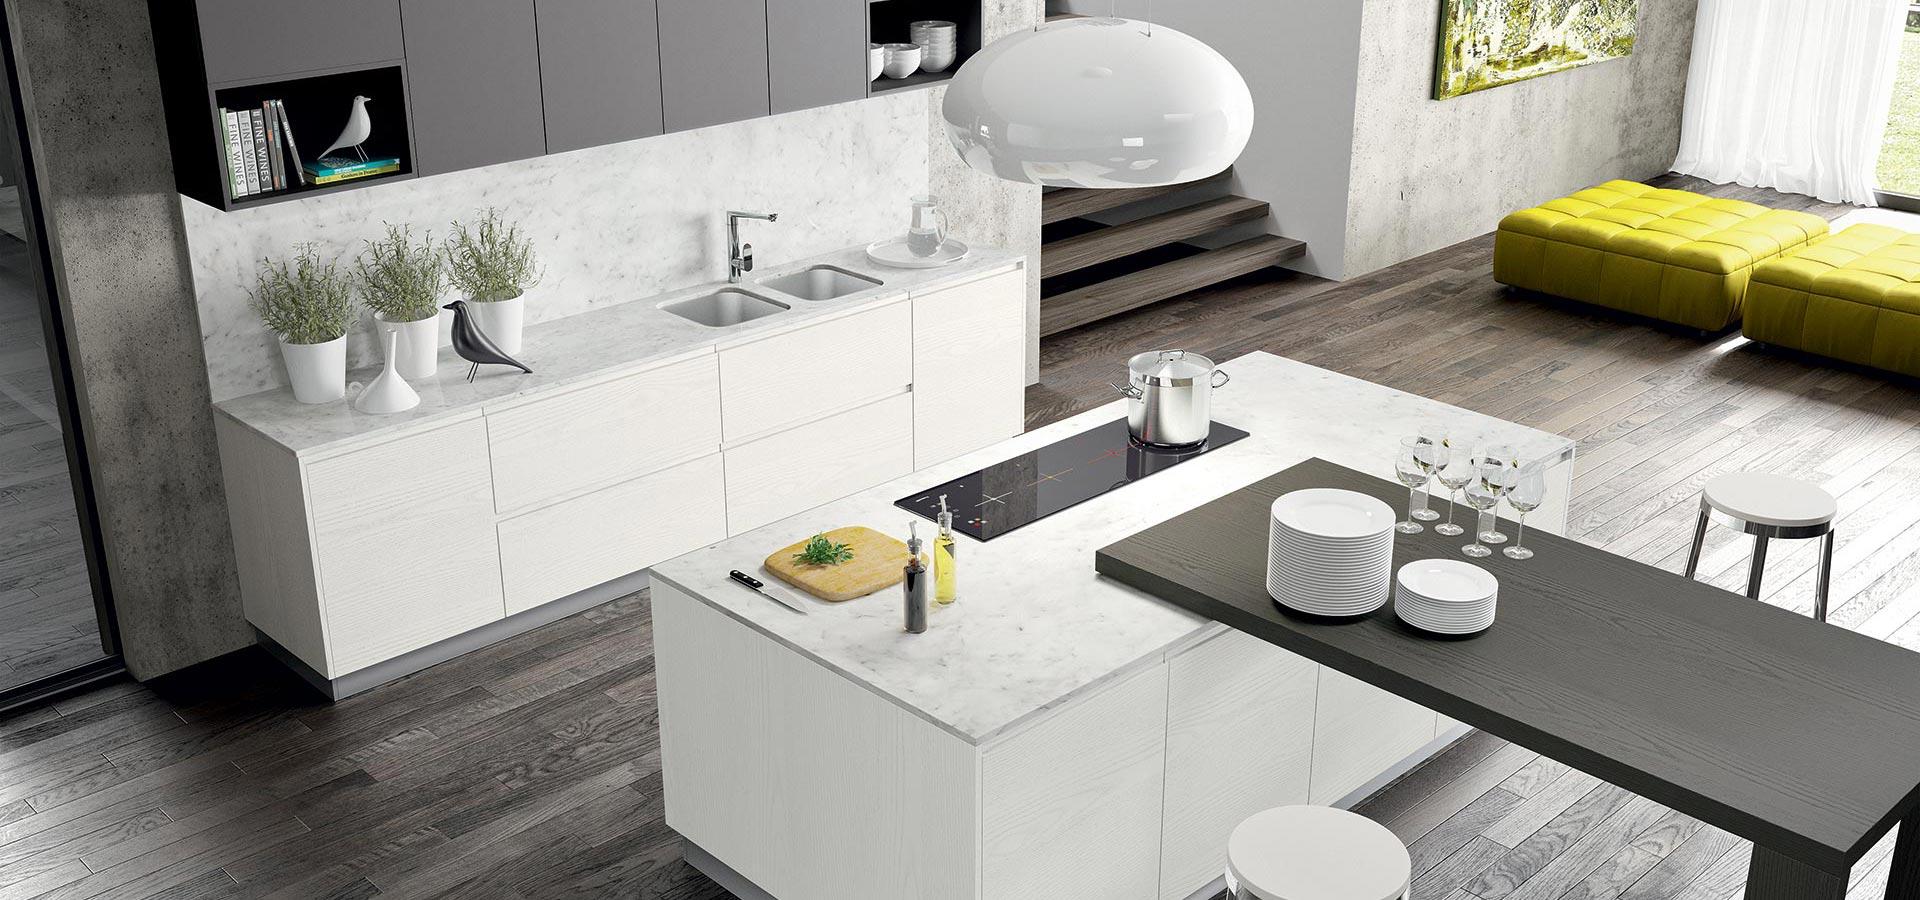 Una cucina di color bianco con una penisola